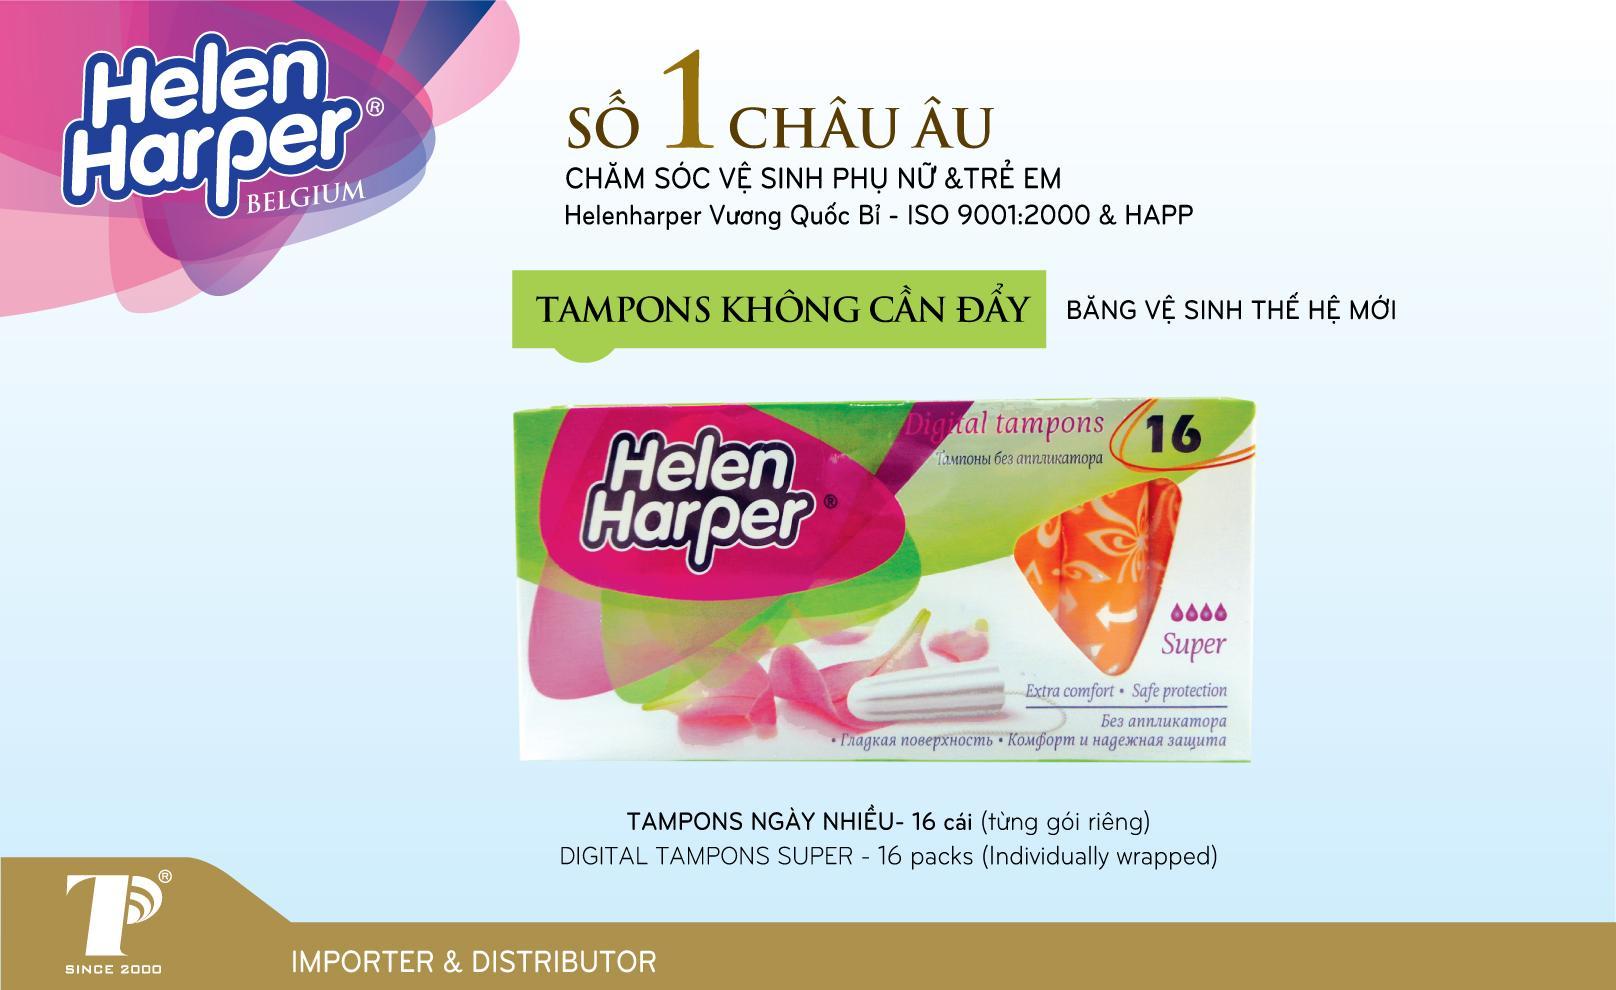 Combo 2 Hộp Băng Vệ Sinh Tampon- Super Helen Harper Thương hiệu độc quyền ( Xuất Xứ Bỉ - 16 miếng/ Hộp) nhập khẩu